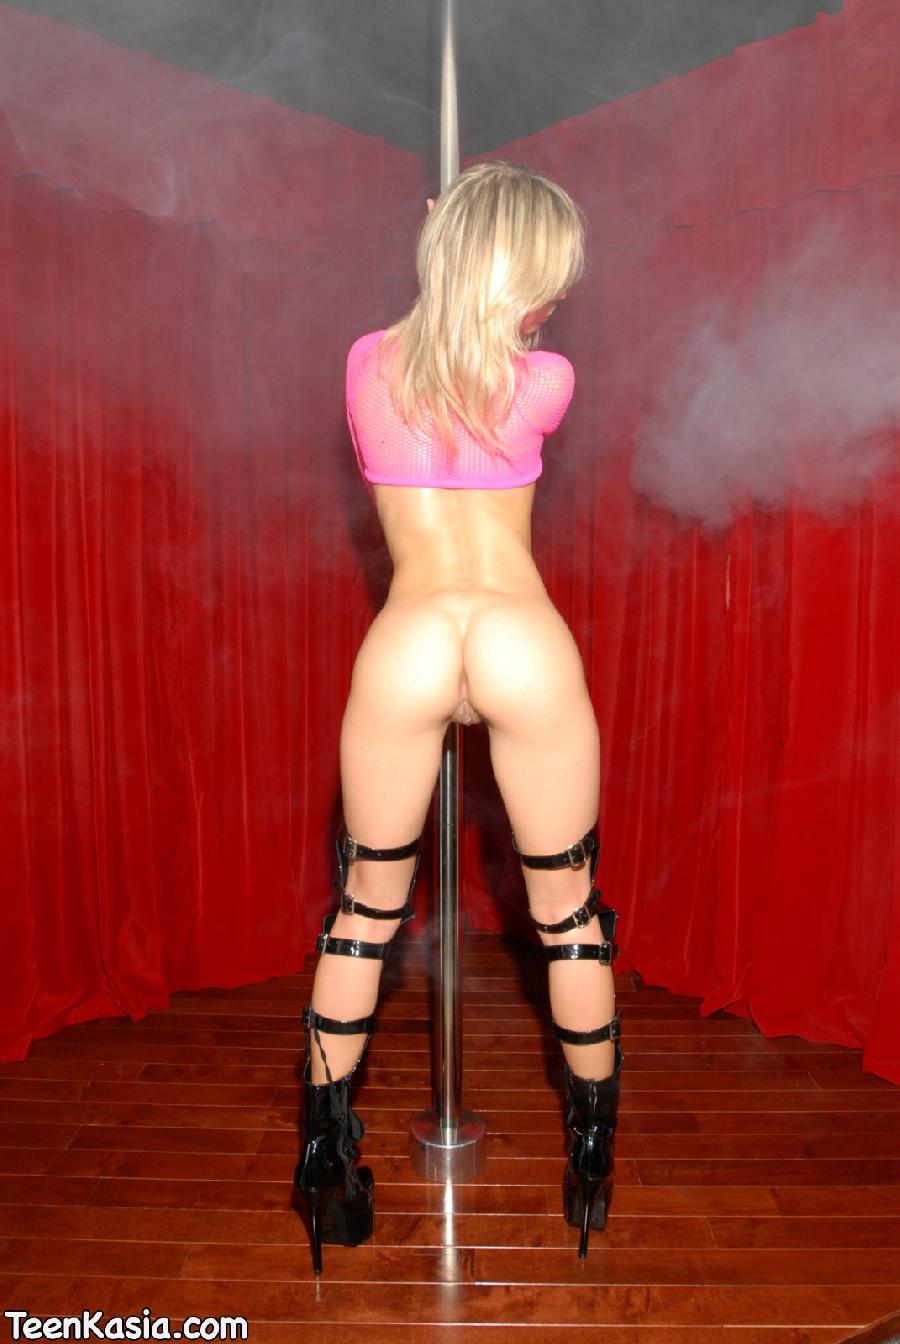 Pole dancing - 10